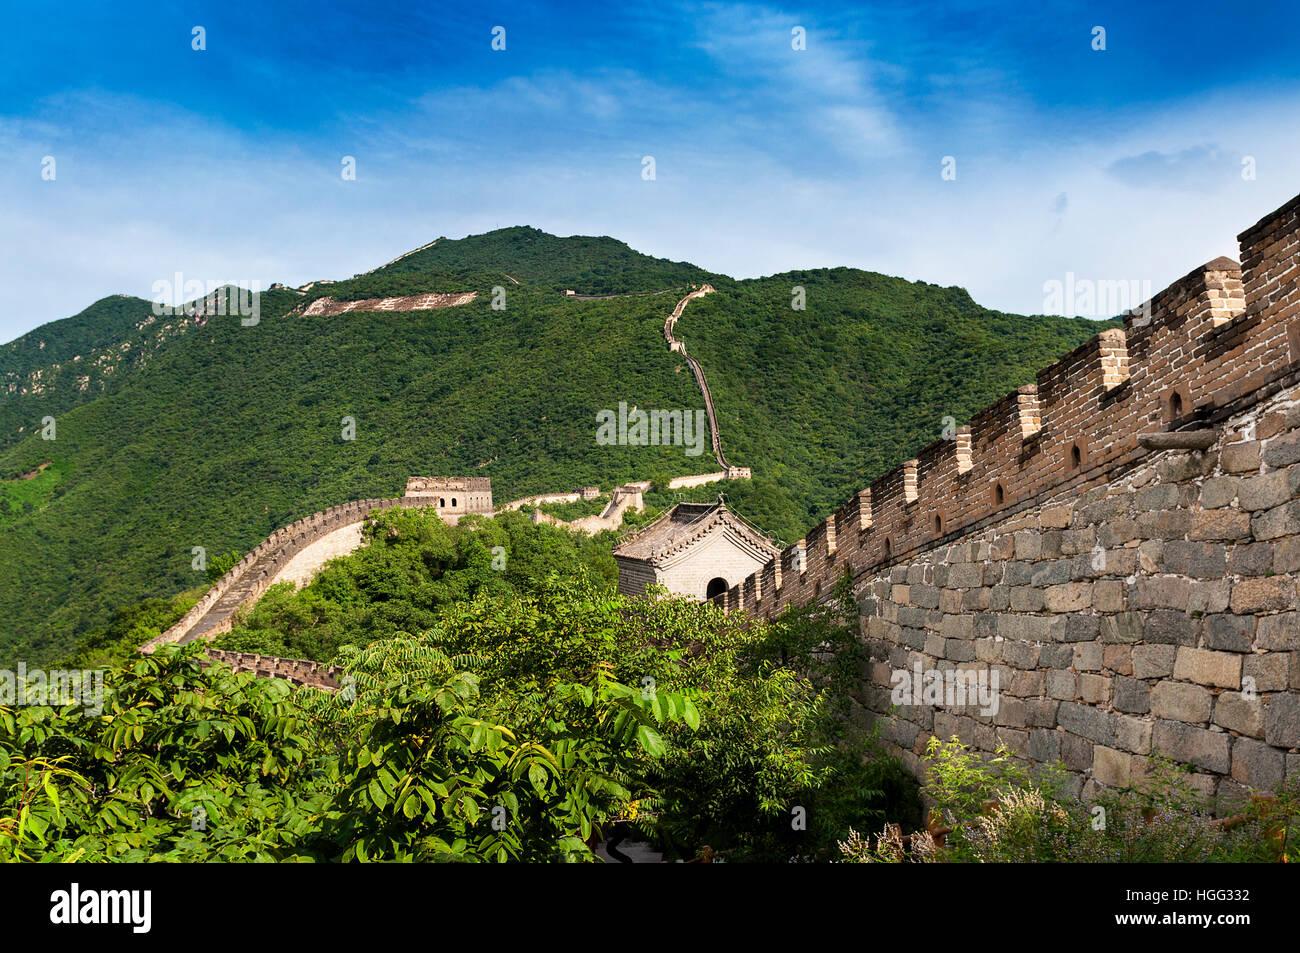 Vue de la Chine Grande Muraille de Mutianyu, Chine; Concept pour voyager en Chine Photo Stock